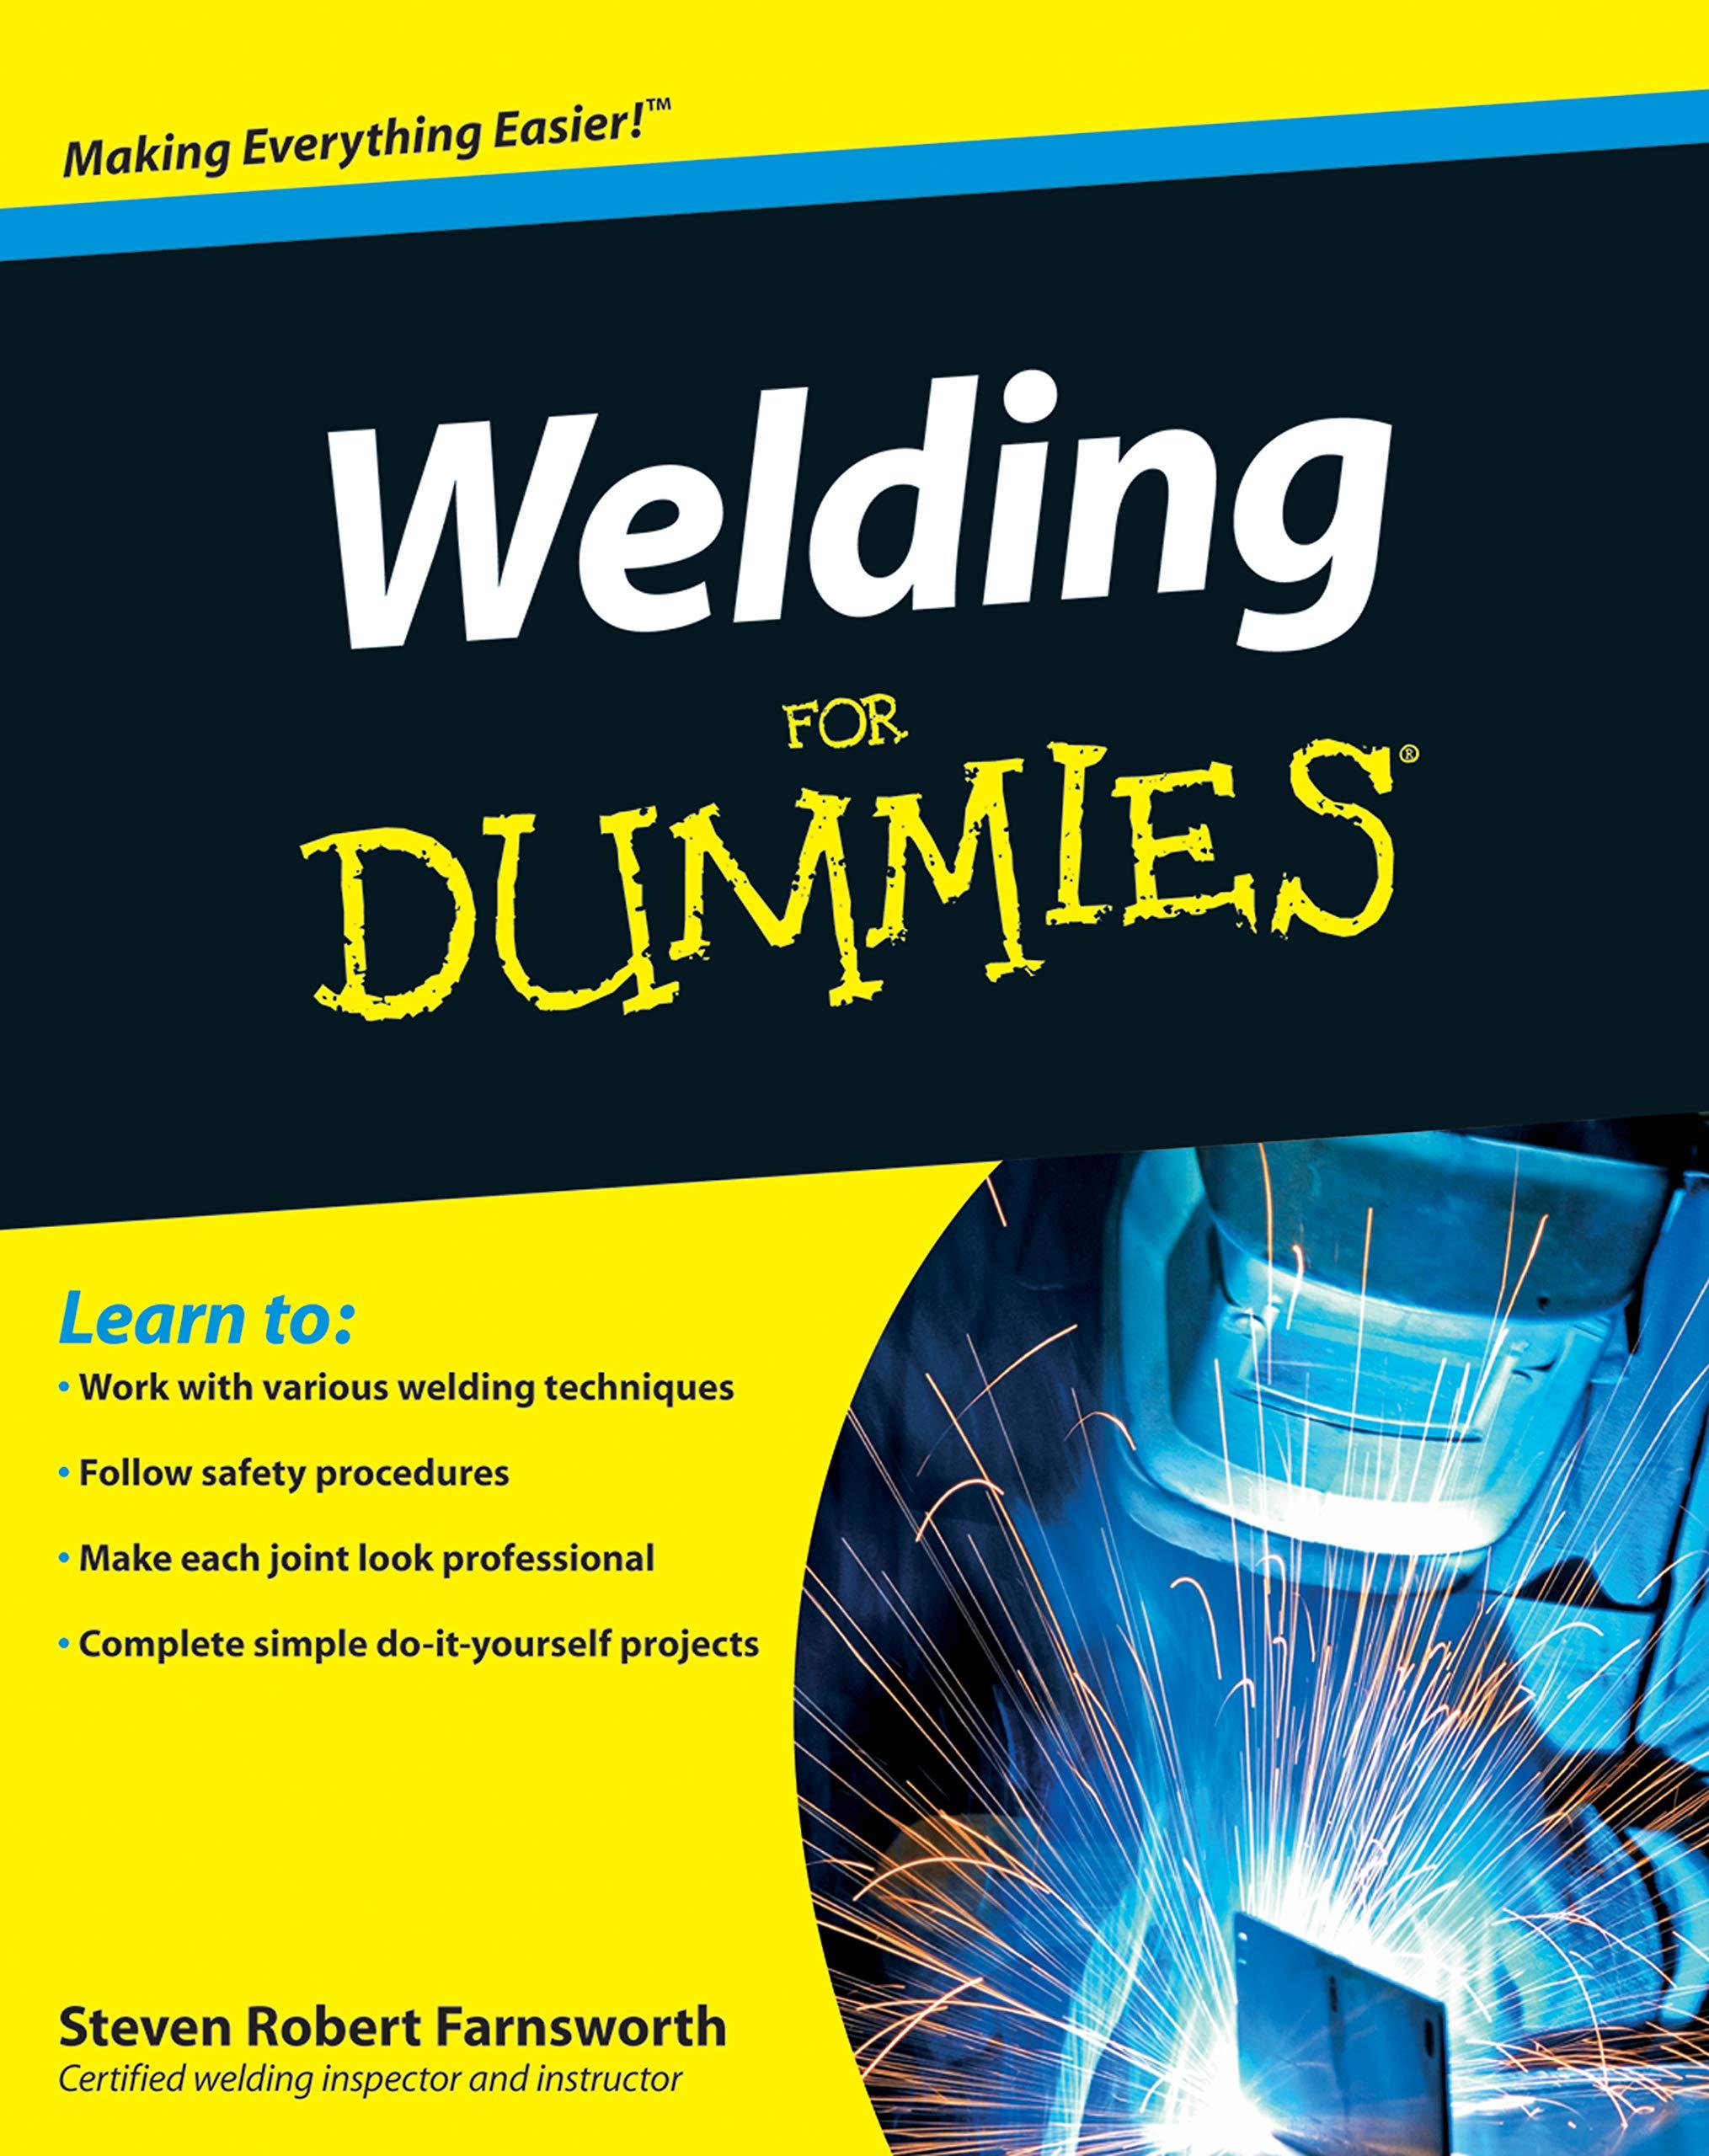 Welding For Dummies Farnsworth Steven Robert 9780470455968 Amazon Com Books